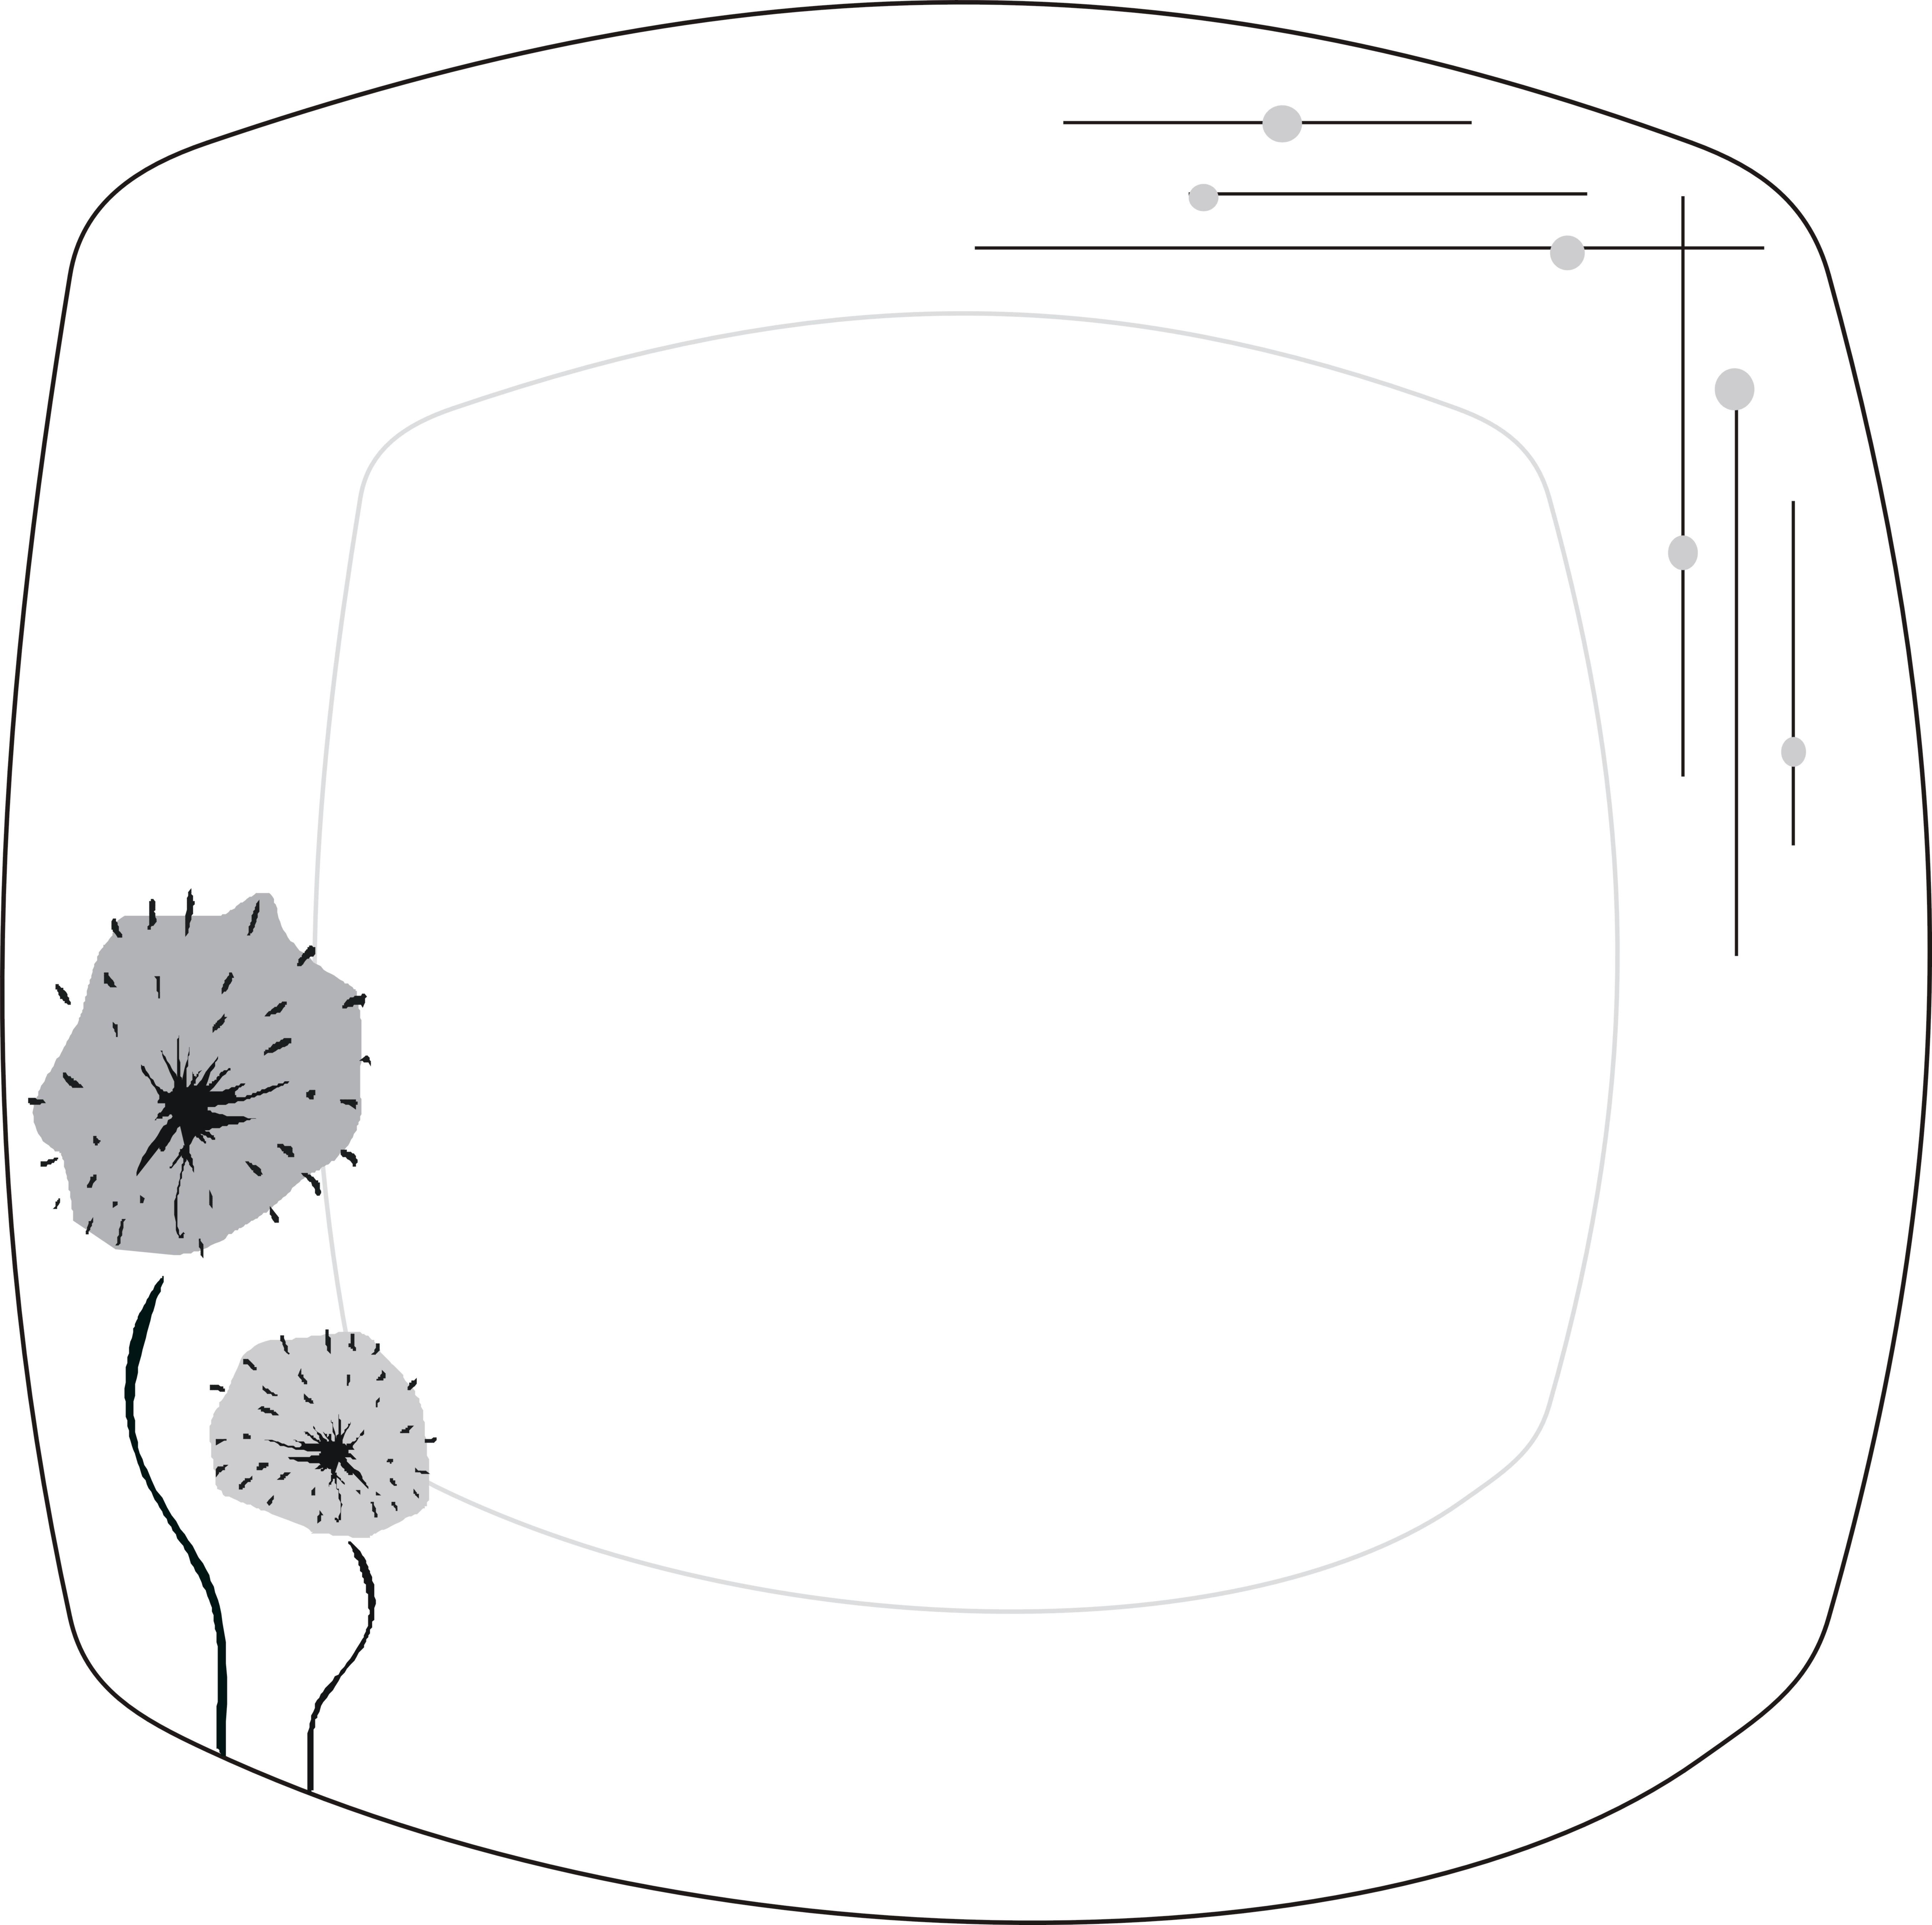 电视手工制作边框